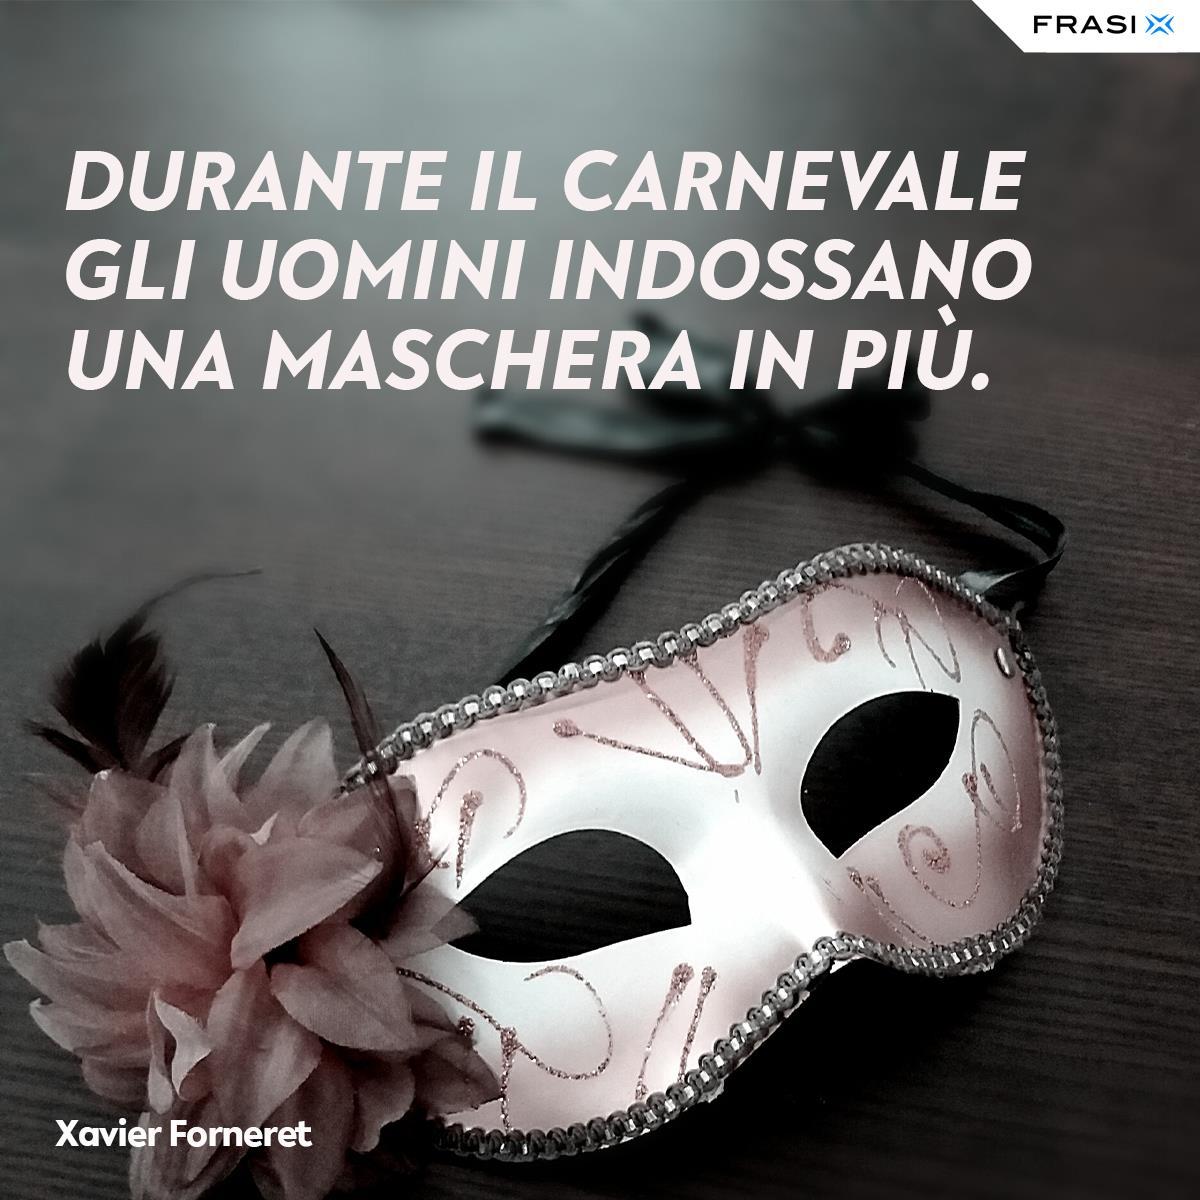 Frasi sul carnevale e le maschere Xavier Forneret